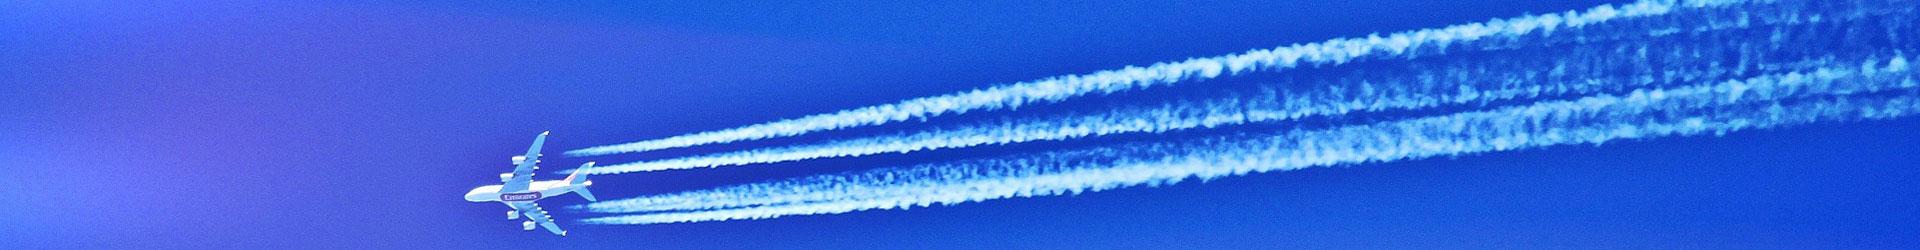 aircraft-862216_1920